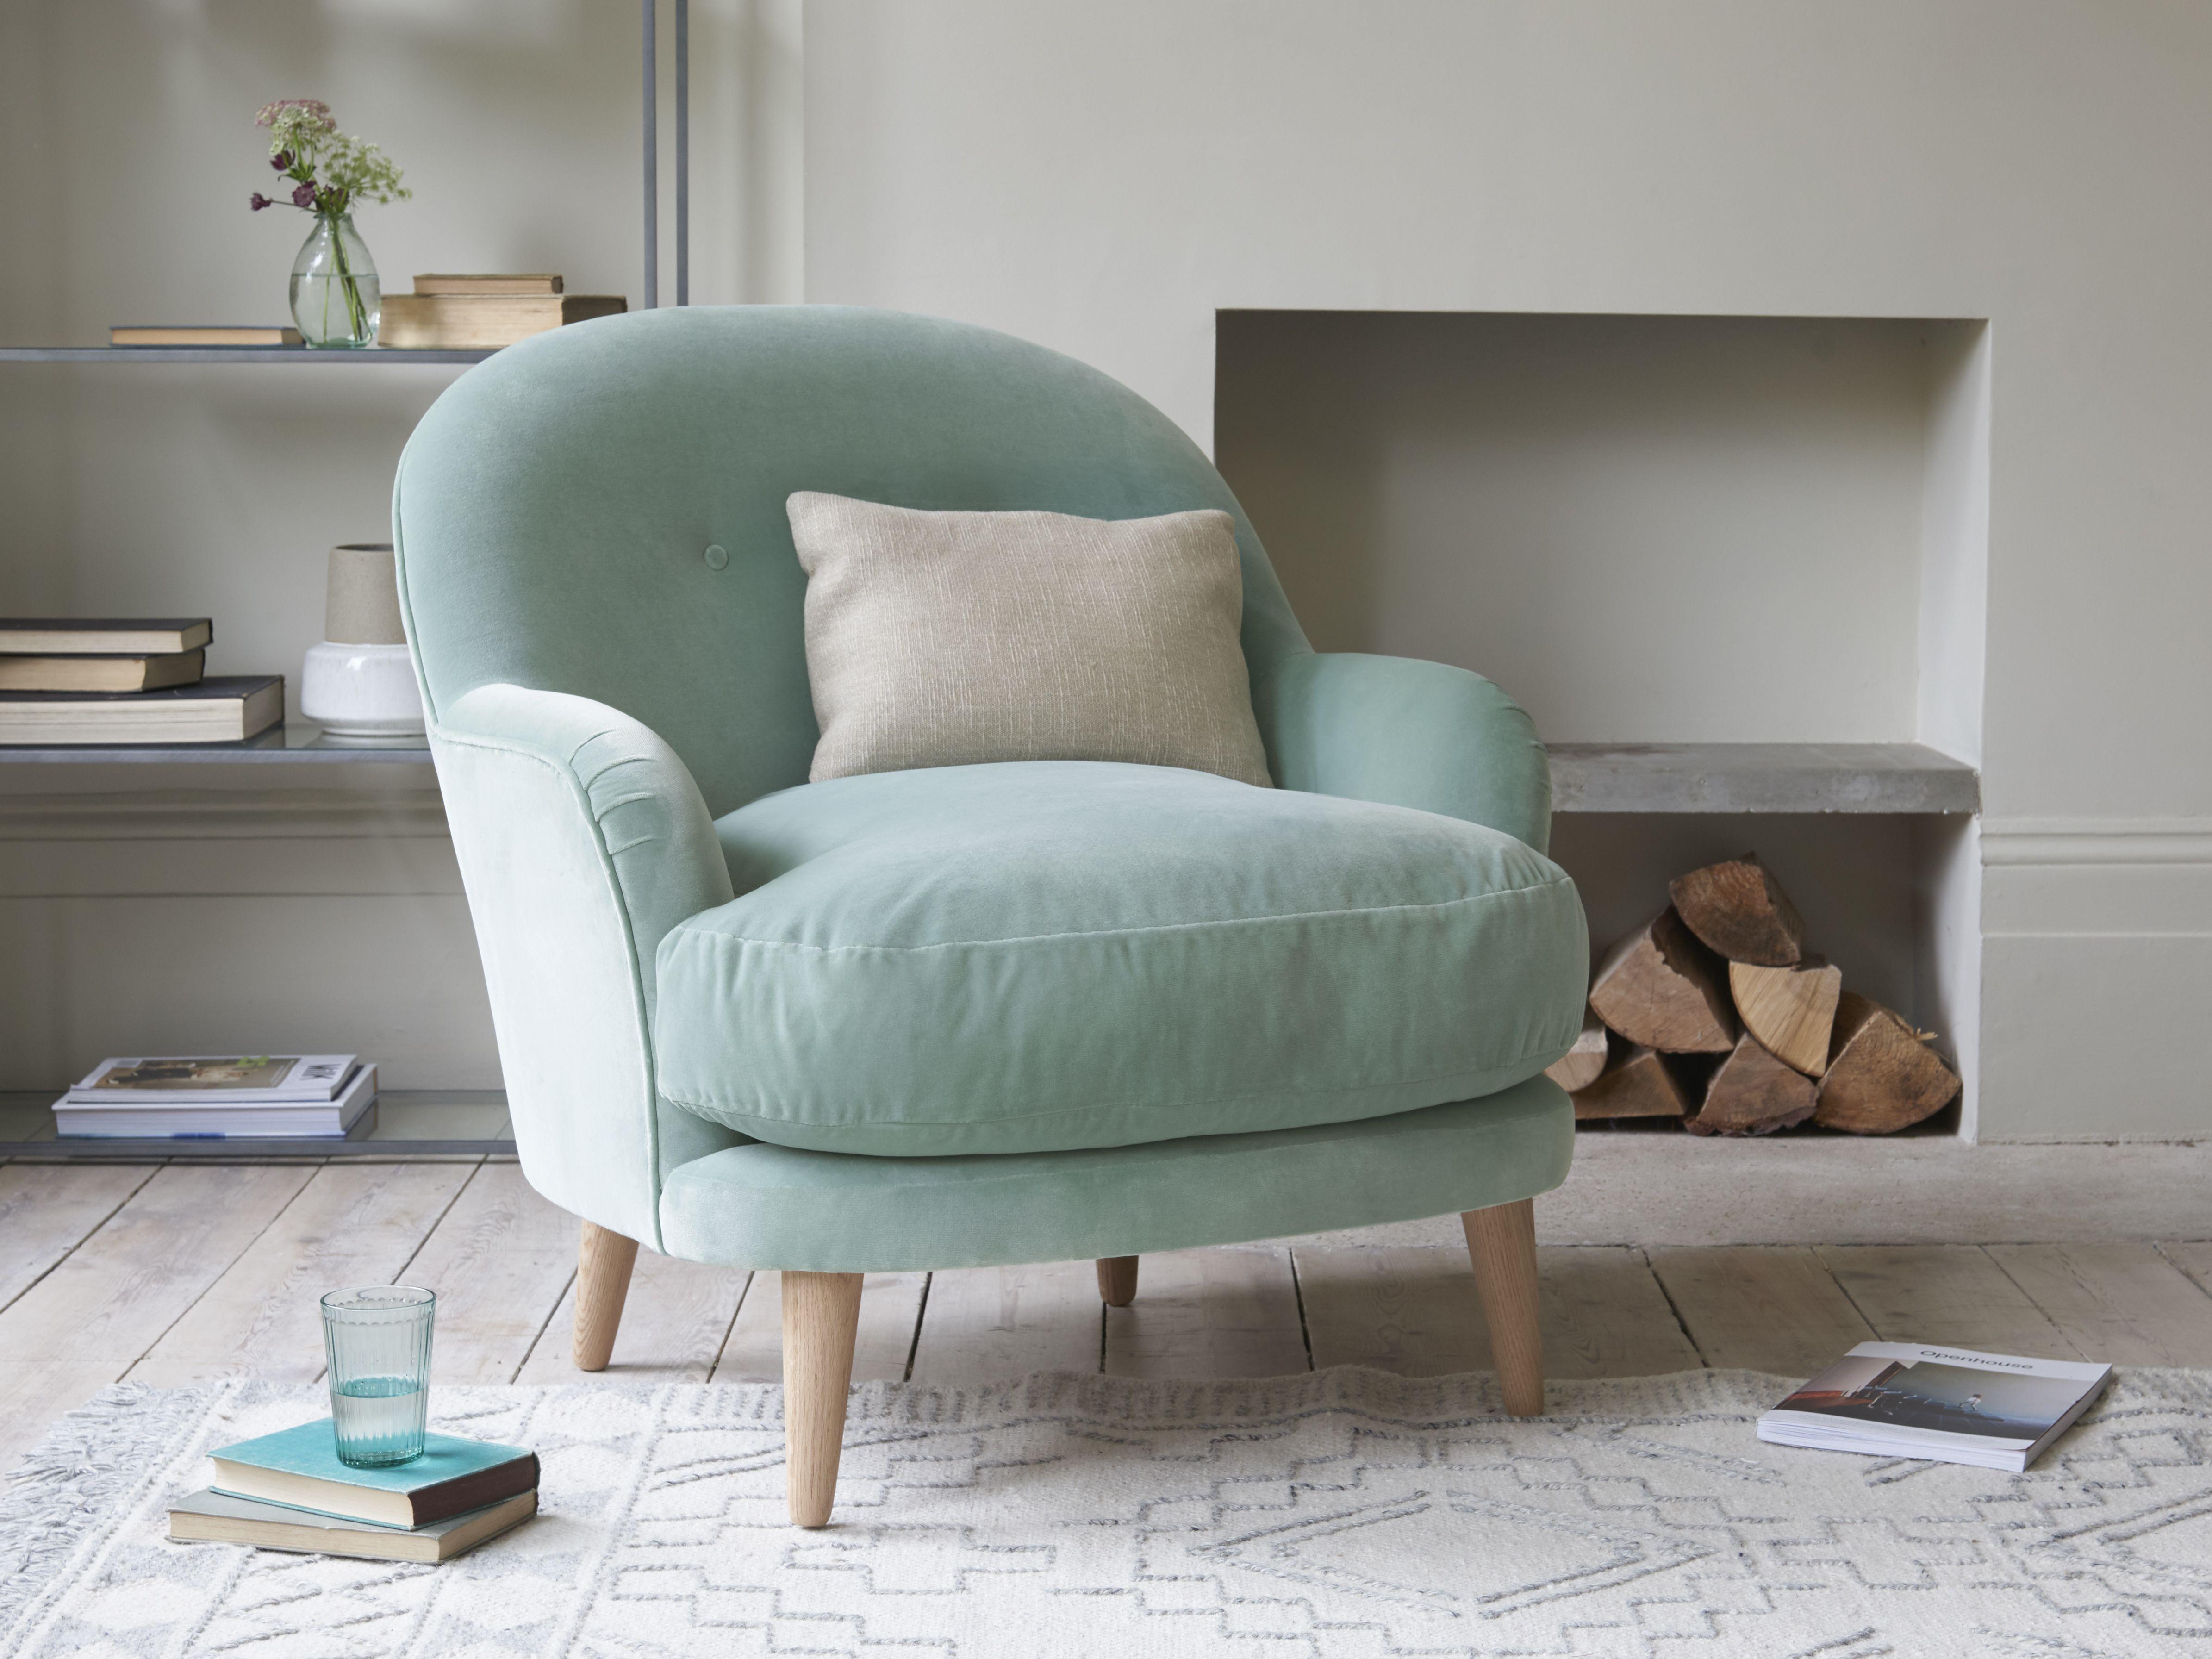 Comfy Bedroom Chair, Comfy Bedroom